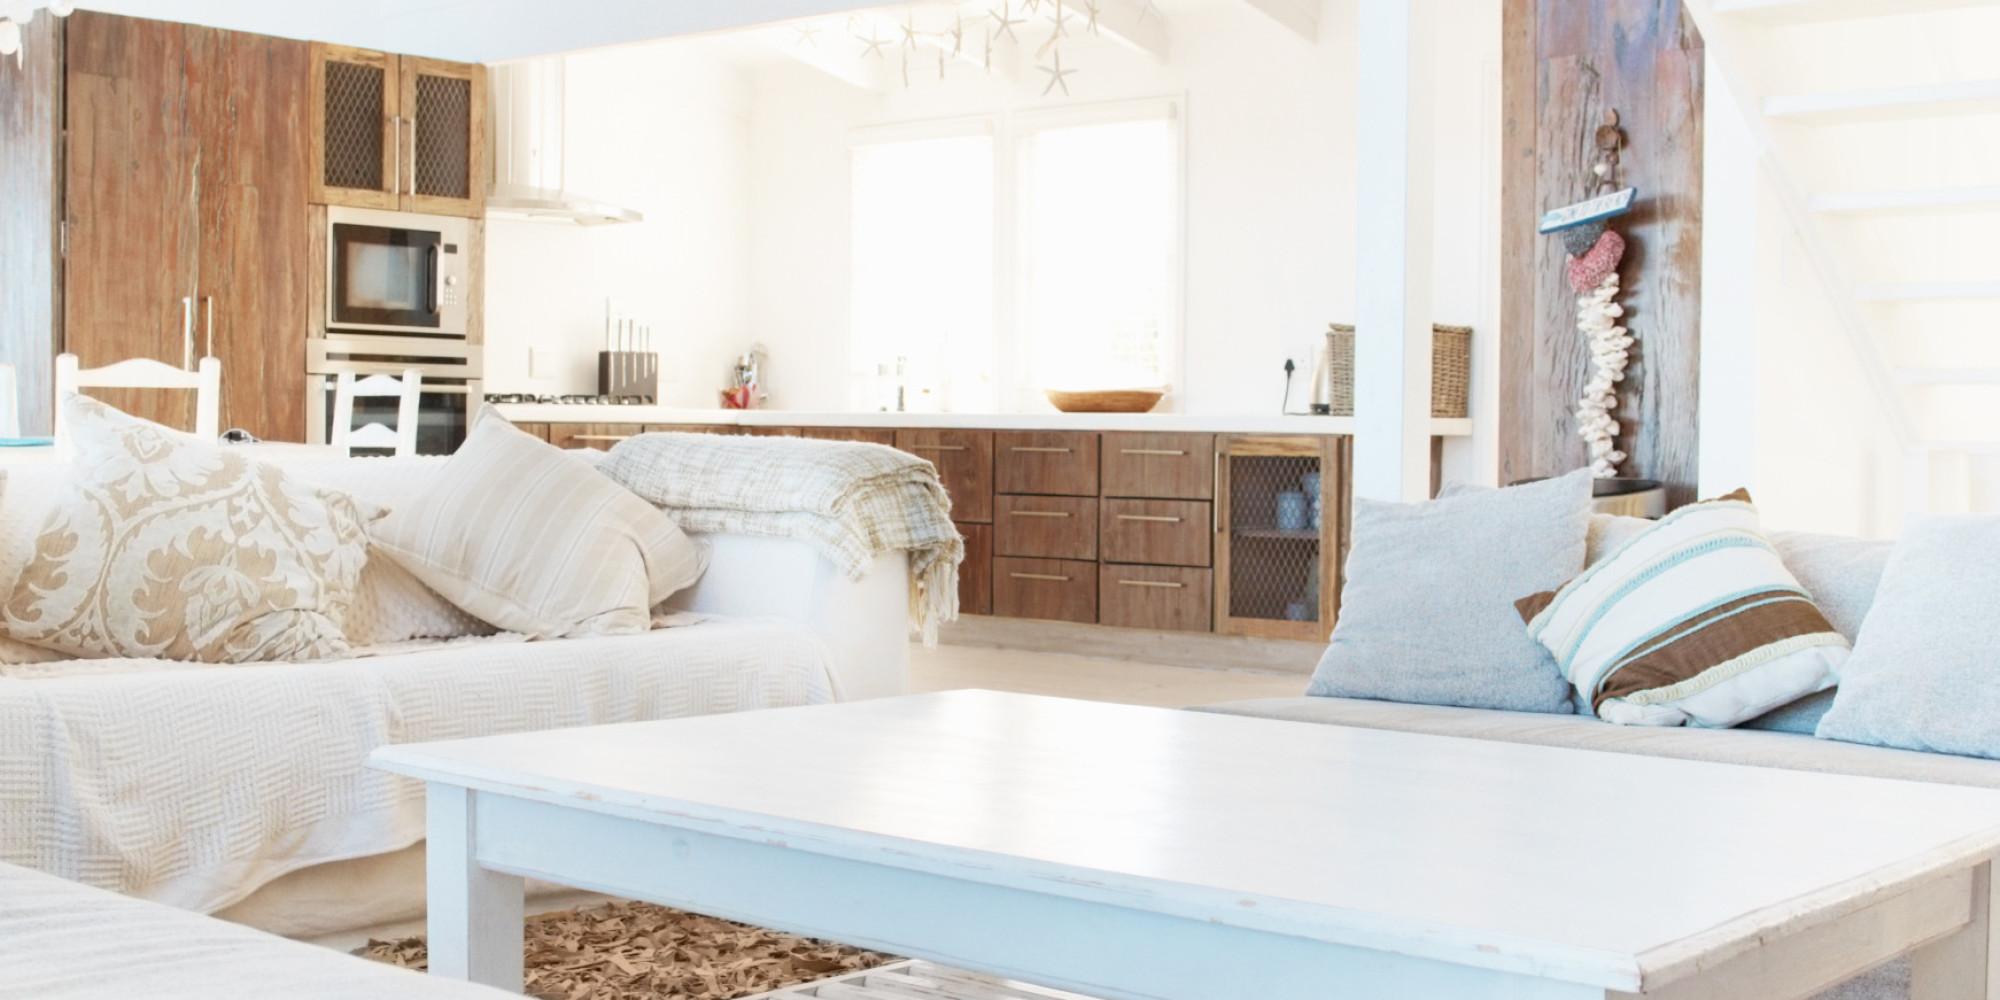 ikea h ffner m belix und co die wahrheit hinter billig. Black Bedroom Furniture Sets. Home Design Ideas